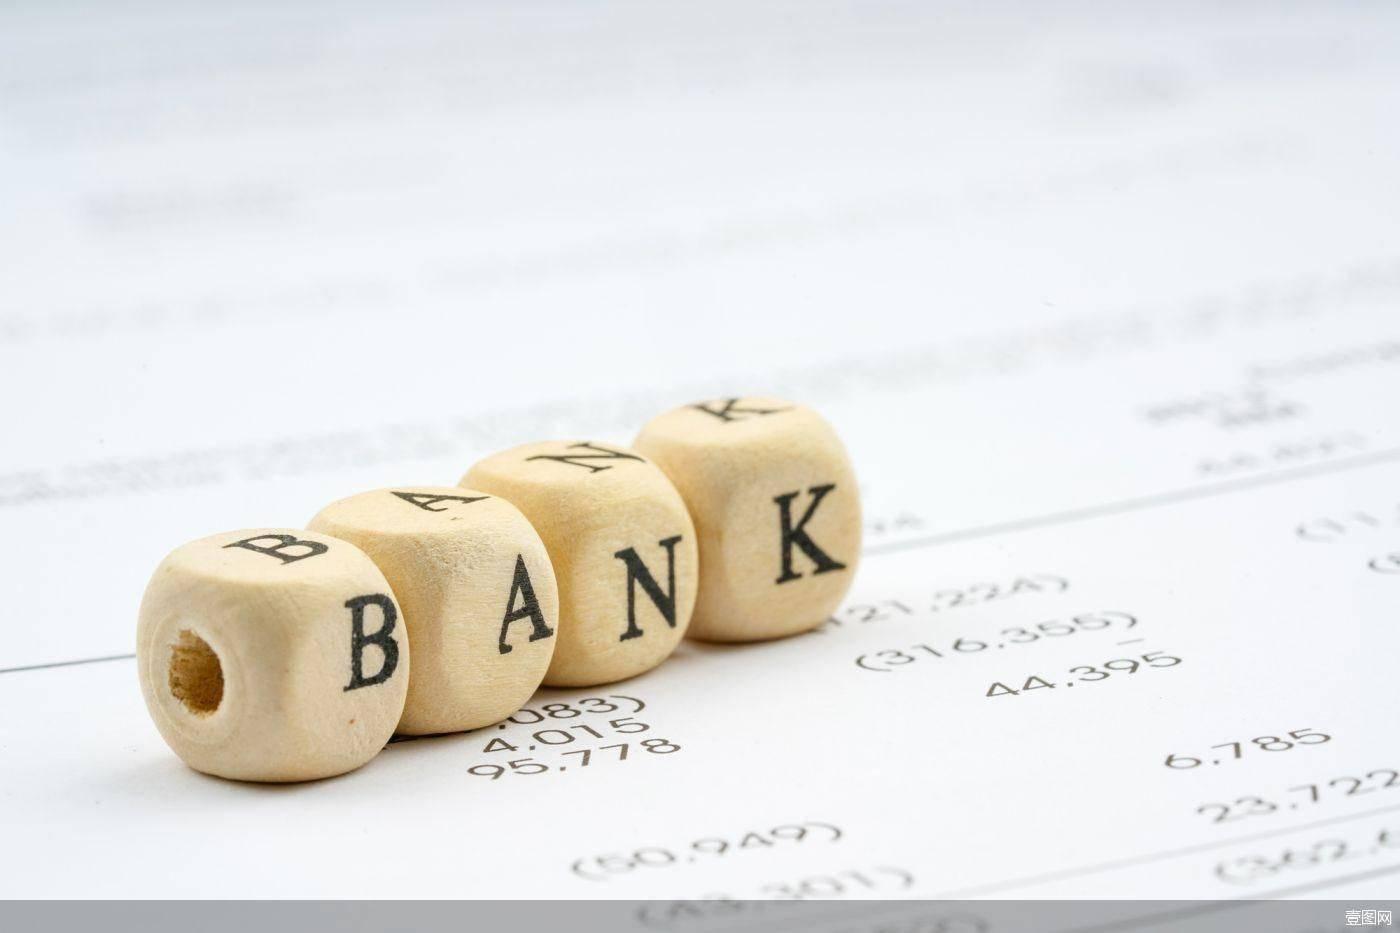 """又一家银行""""摒弃""""贴膜卡模式 解锁迭代之下的手机银行新姿态"""